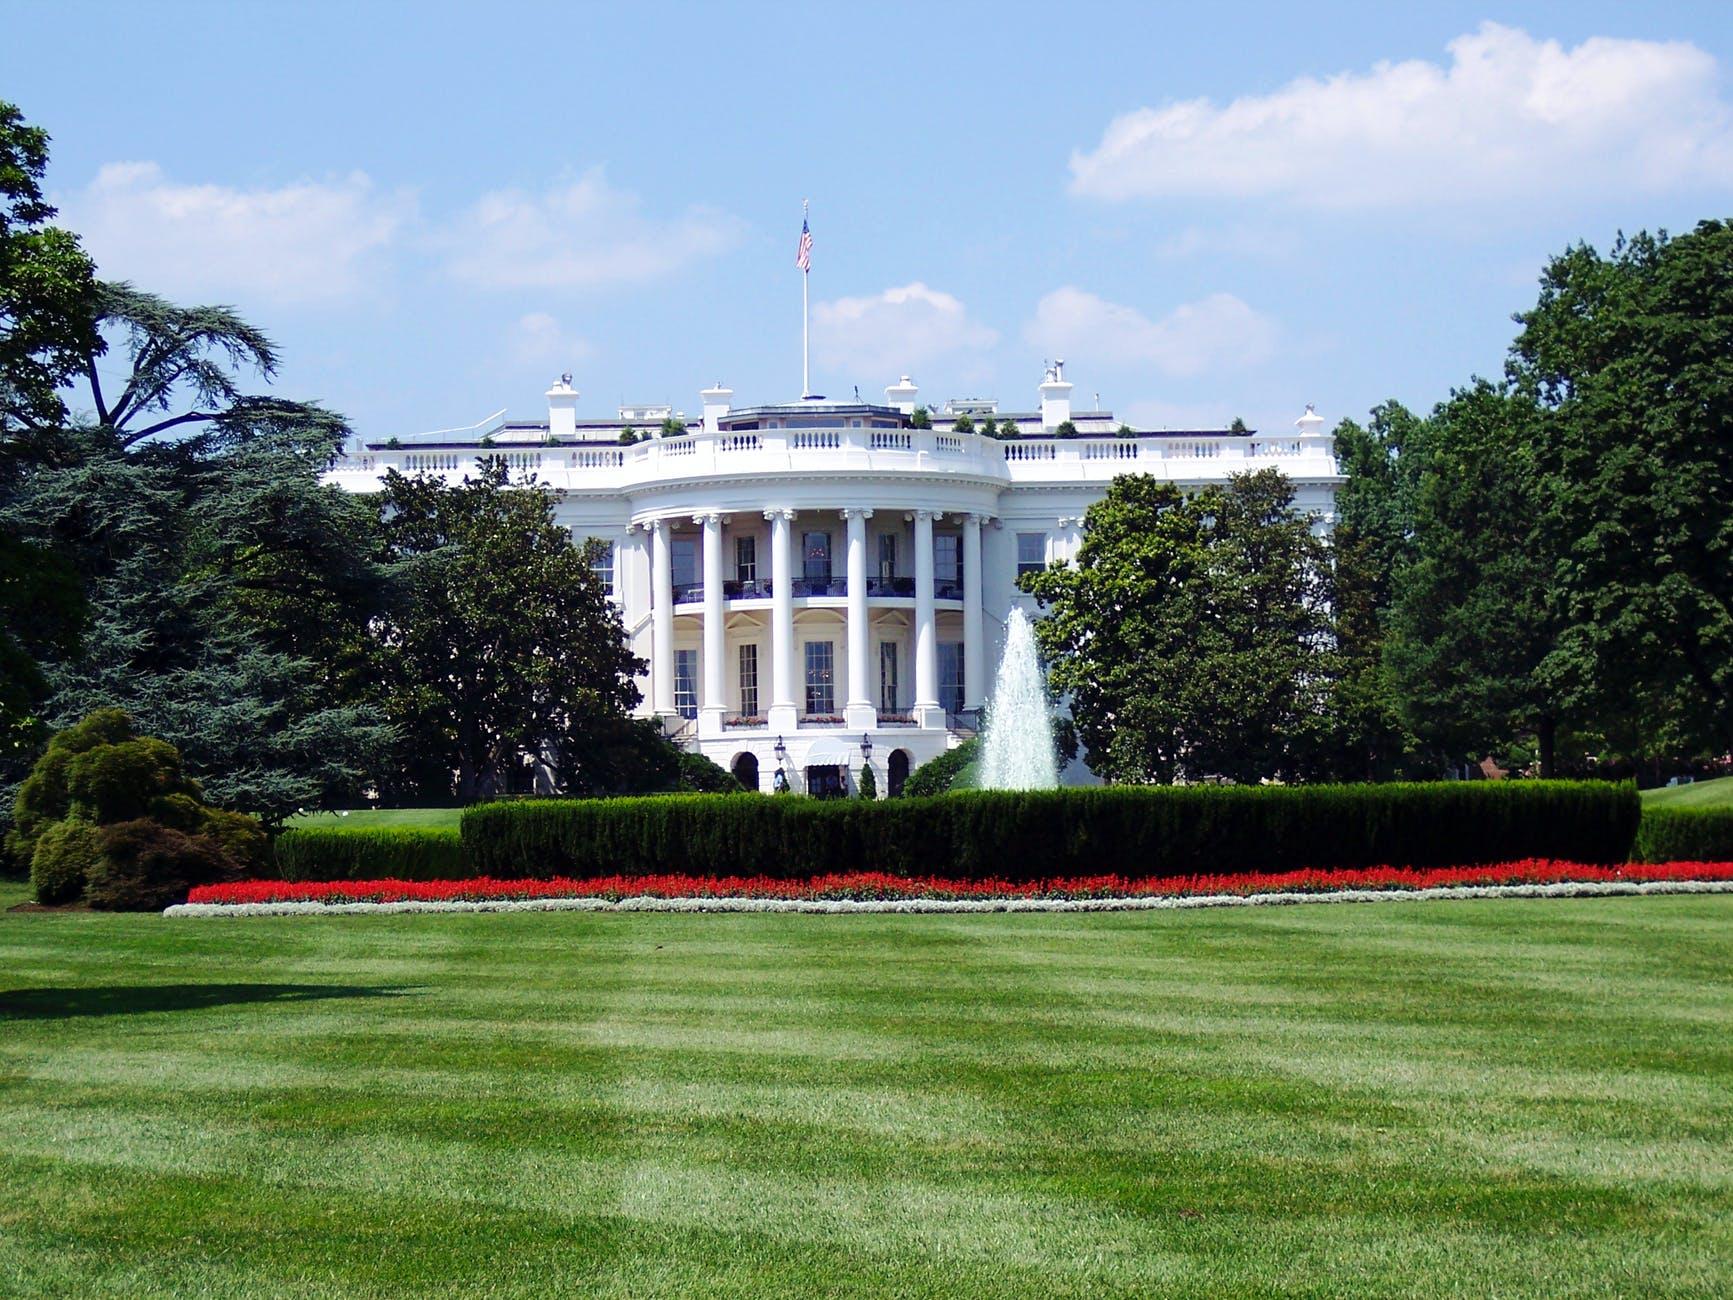 Trump zapowiada wprowadzenie pakietu stymulacyjnego pomimo sprzeciwu demokratów – nowe wydanie Ekspresu Amerykańskiego